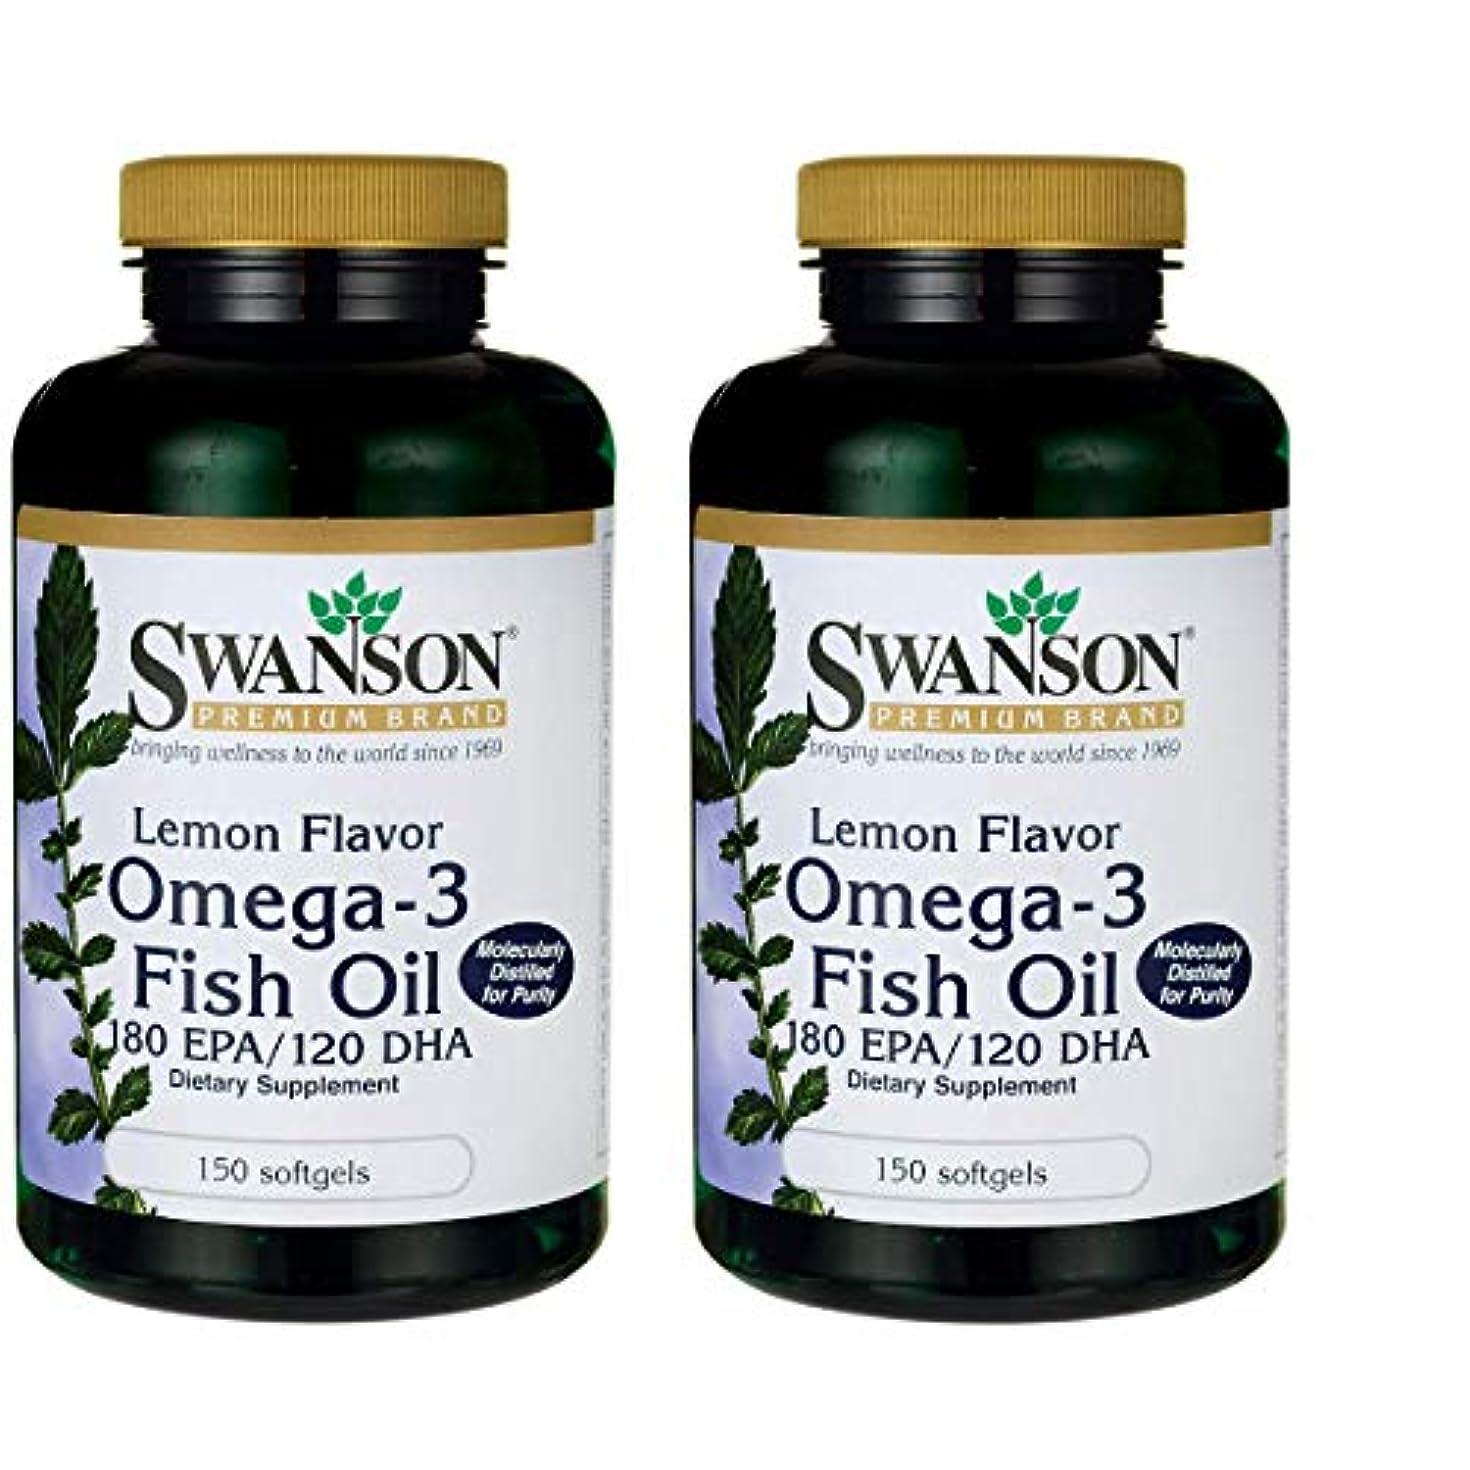 退屈な少し重荷Swanson Omega 3 Fish Oil EPA + DHA Lemon Flavor 150粒×2個